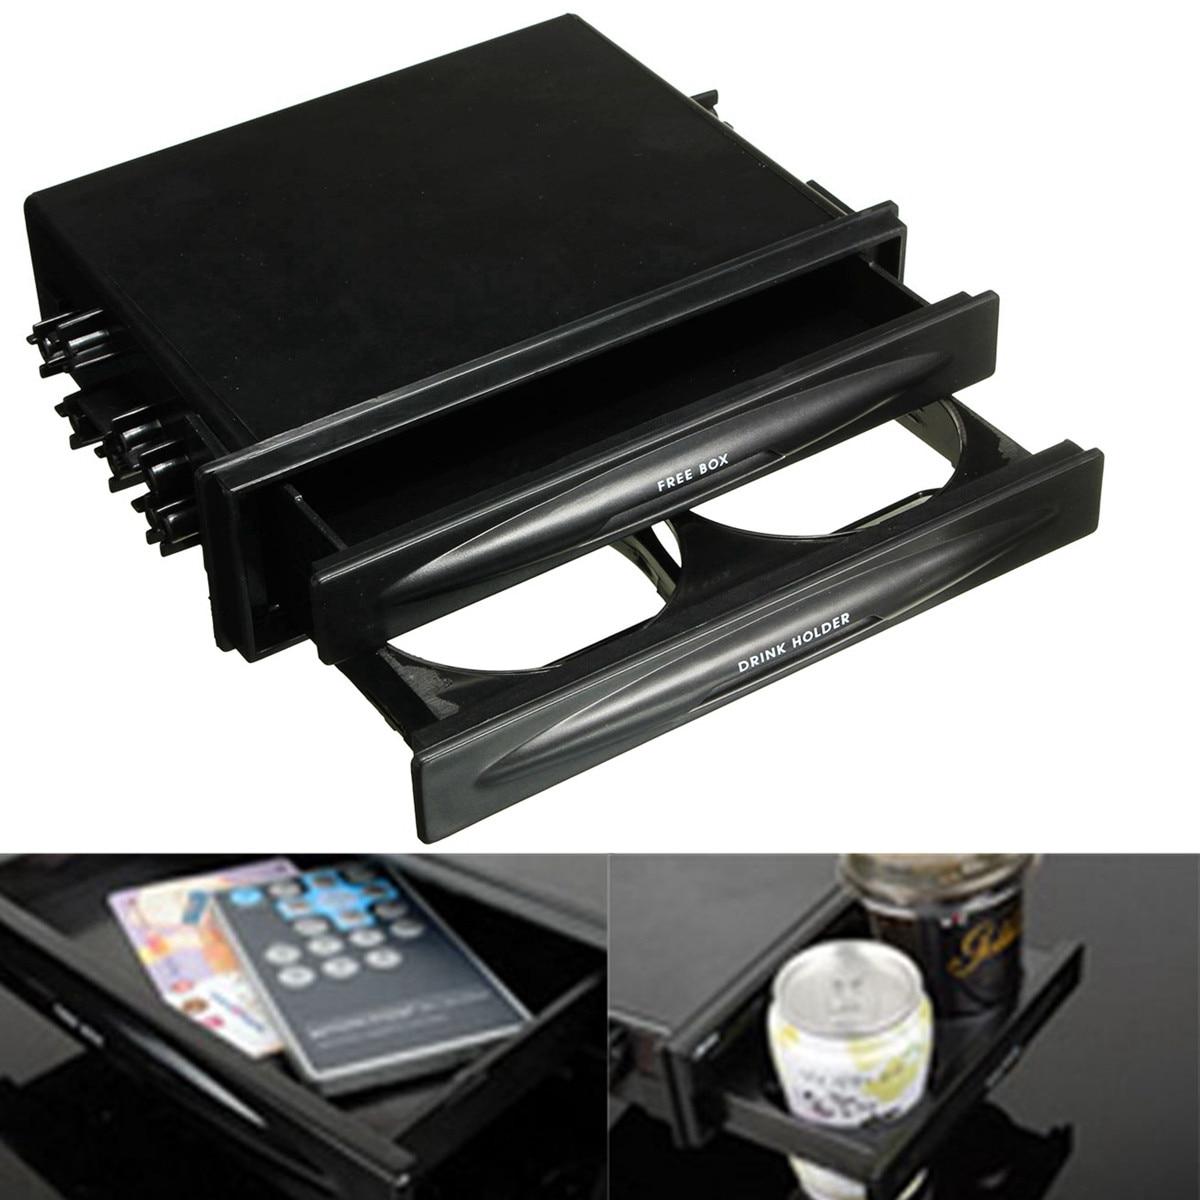 El más nuevo Kit de Radio Din doble de plástico para coche Universal para soporte de vaso de bebida de bolsillo y caja de almacenamiento